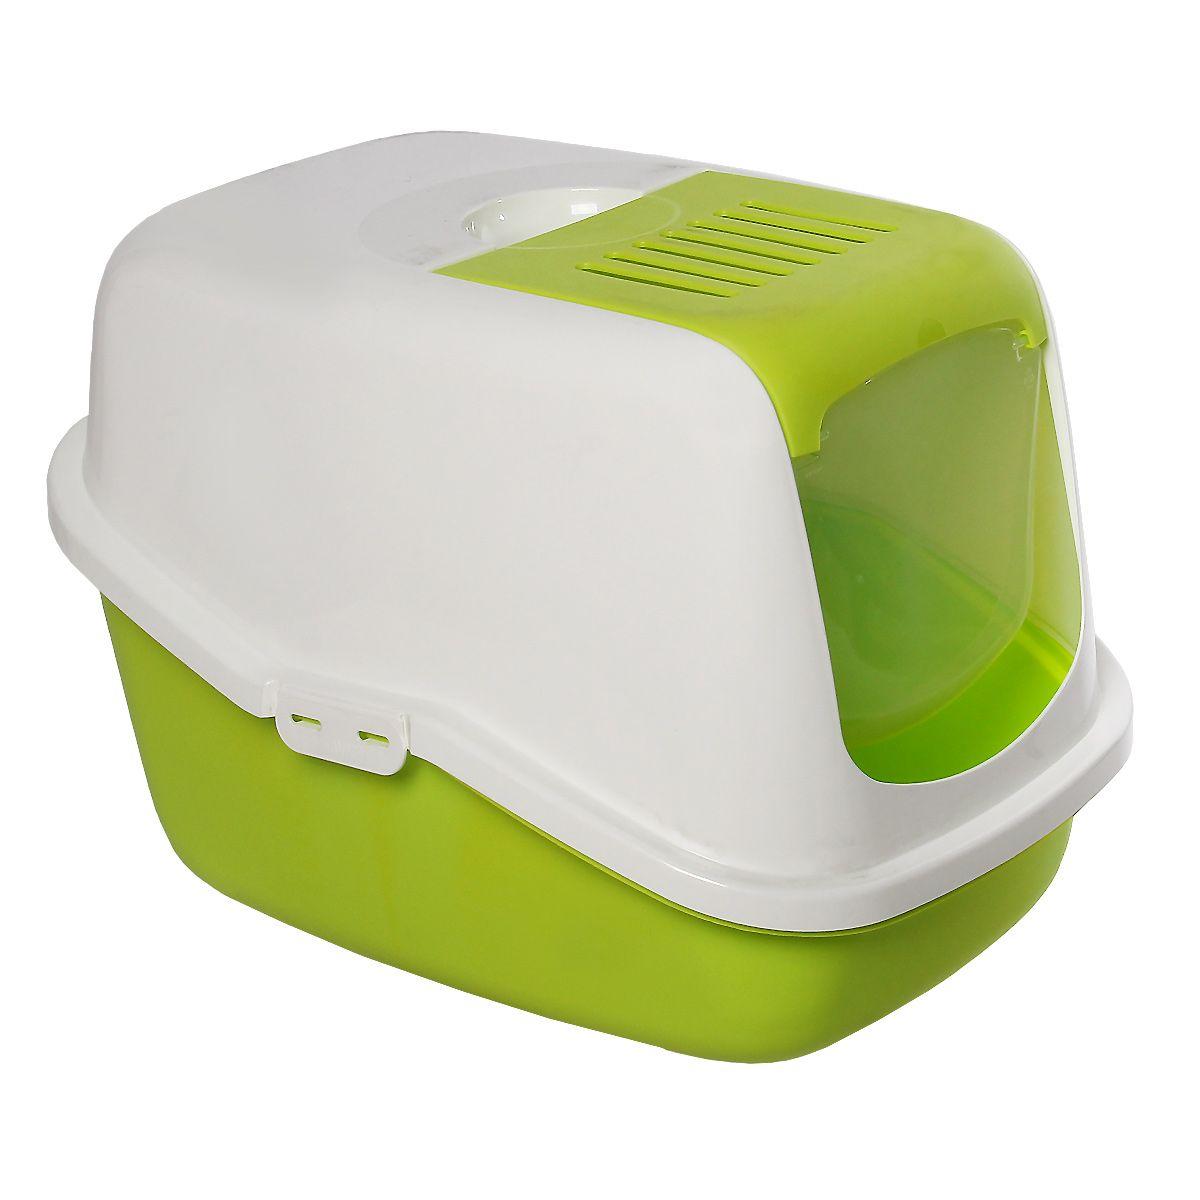 Туалет для кошек Savic Nestor, прямоугольный, зеленый,